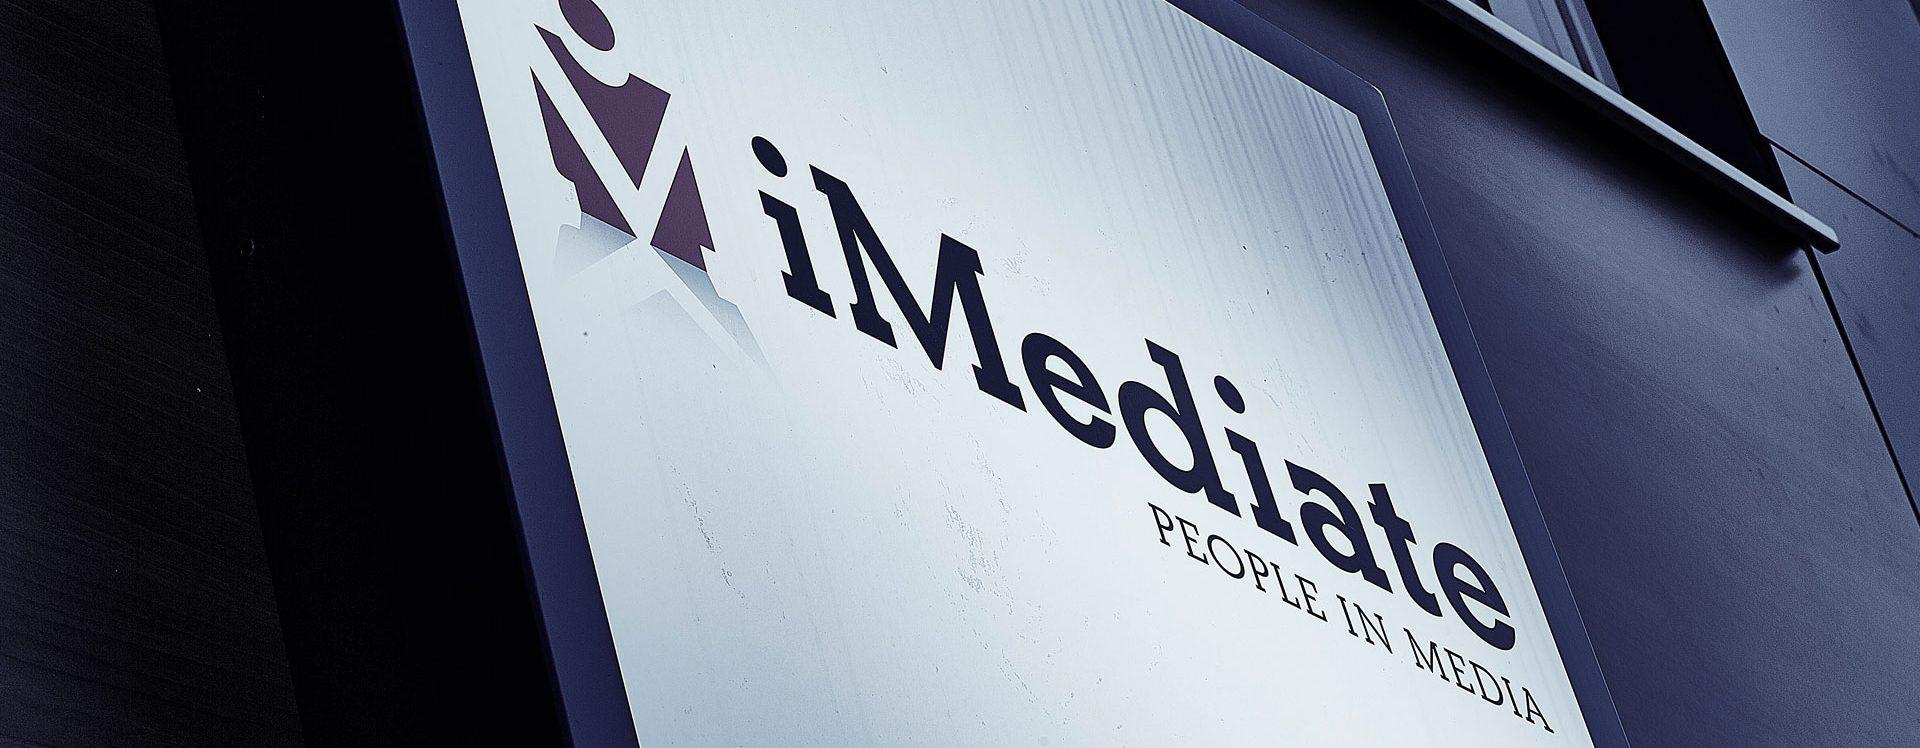 contact met iMediate